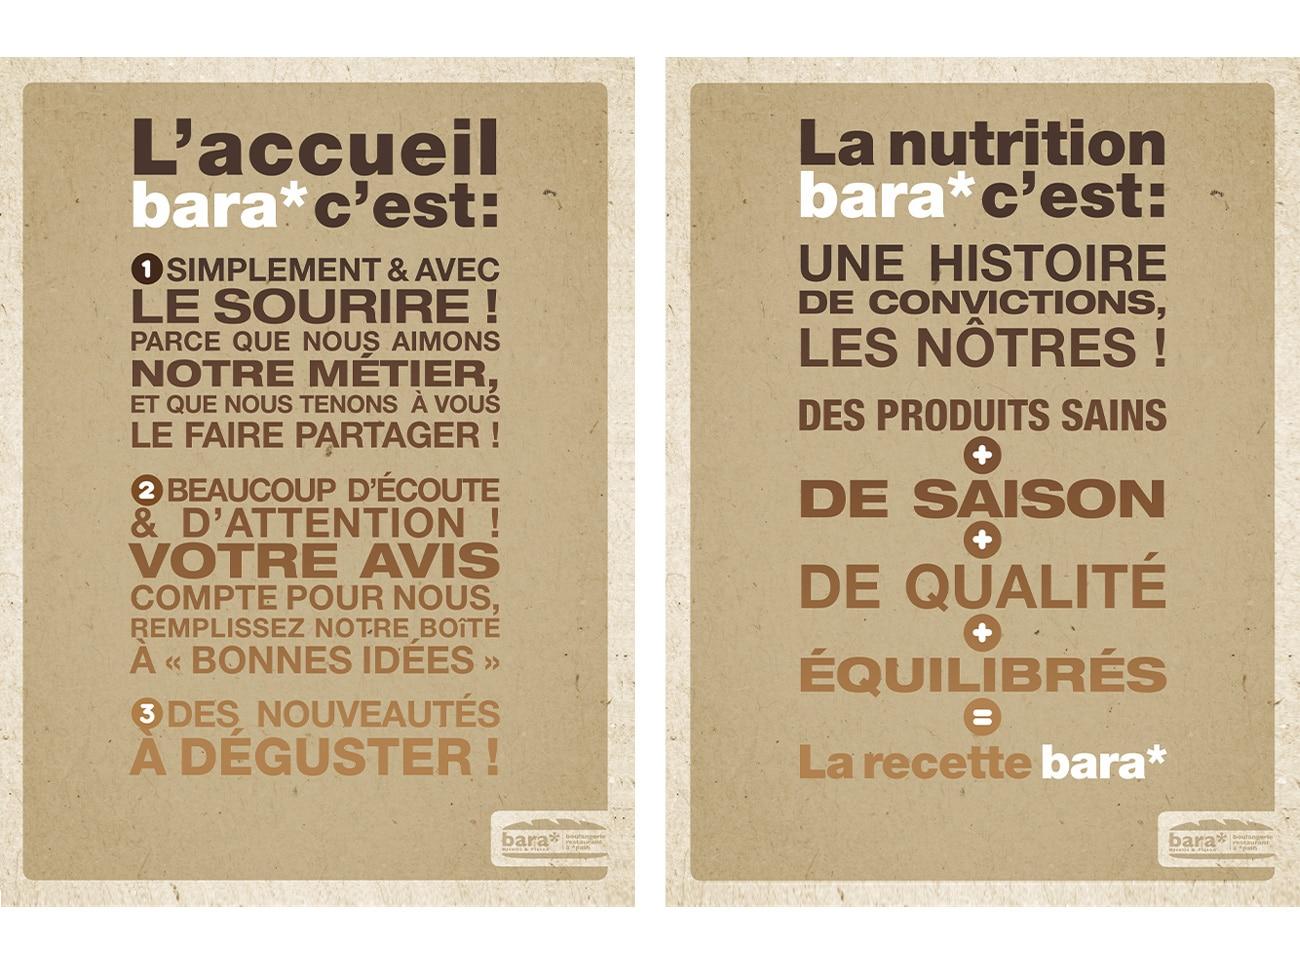 5-bara-boulangerie-positionnement-identite-visuelle-marketing-communication-affiche-bretagne-lorient